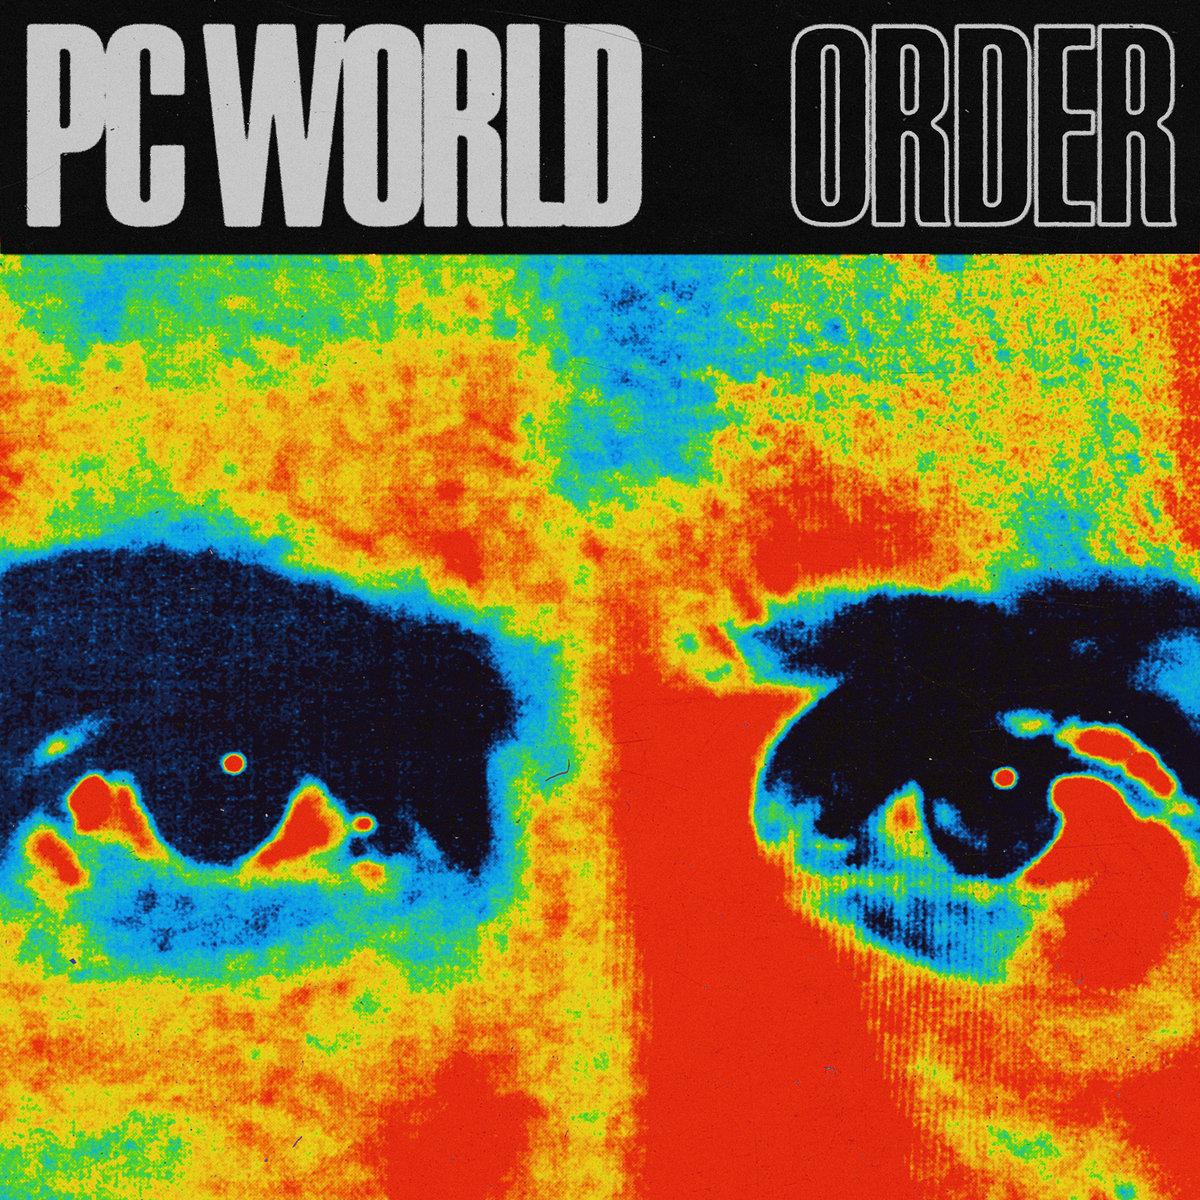 Observer: PC World & Liebknecht